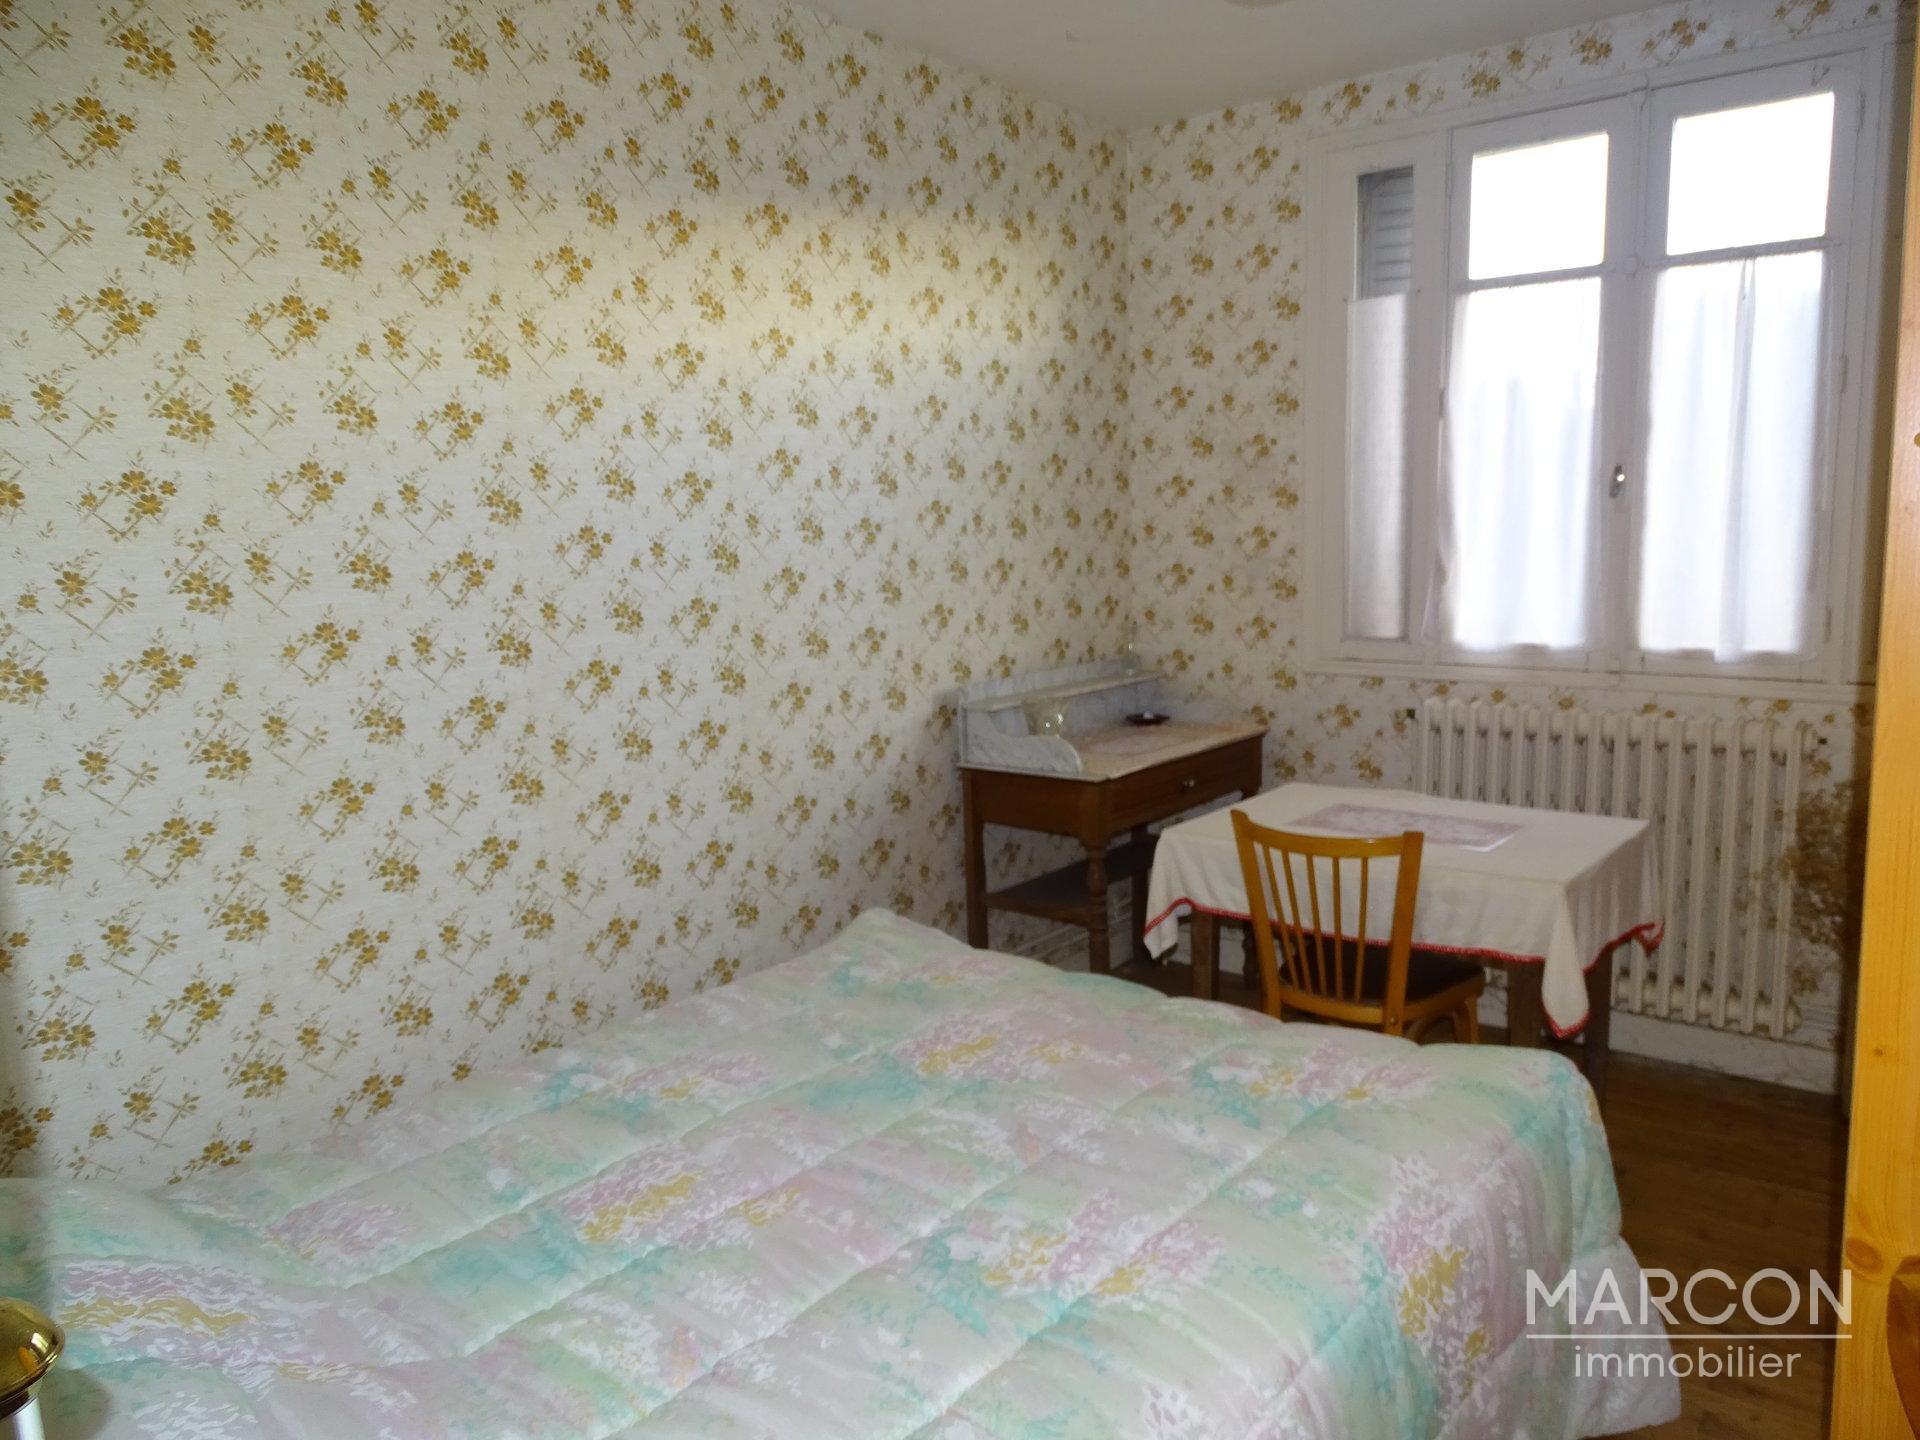 Gueret, Maison F4 + 3 Garages concernant Piscine De Gueret